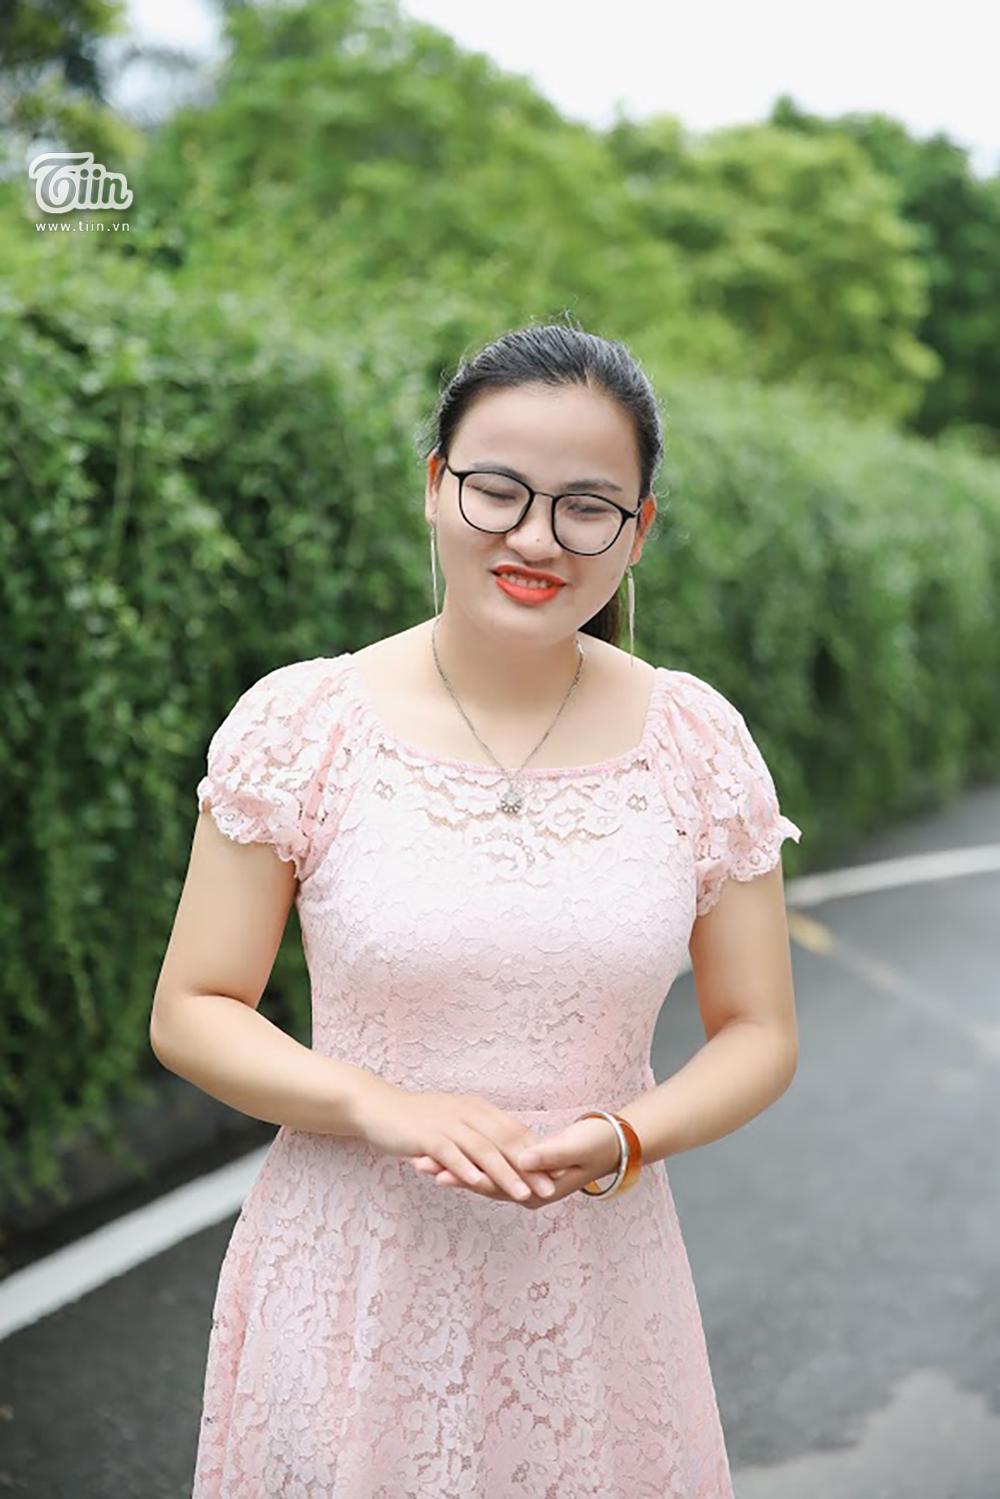 Cô gái khiếm thị giành học bổng 1,5 tỷ, 21 tuổi xuất bản sách: 'Tạo hóa không sinh ra chúng ta để sống cuộc đời vô nghĩa' 3